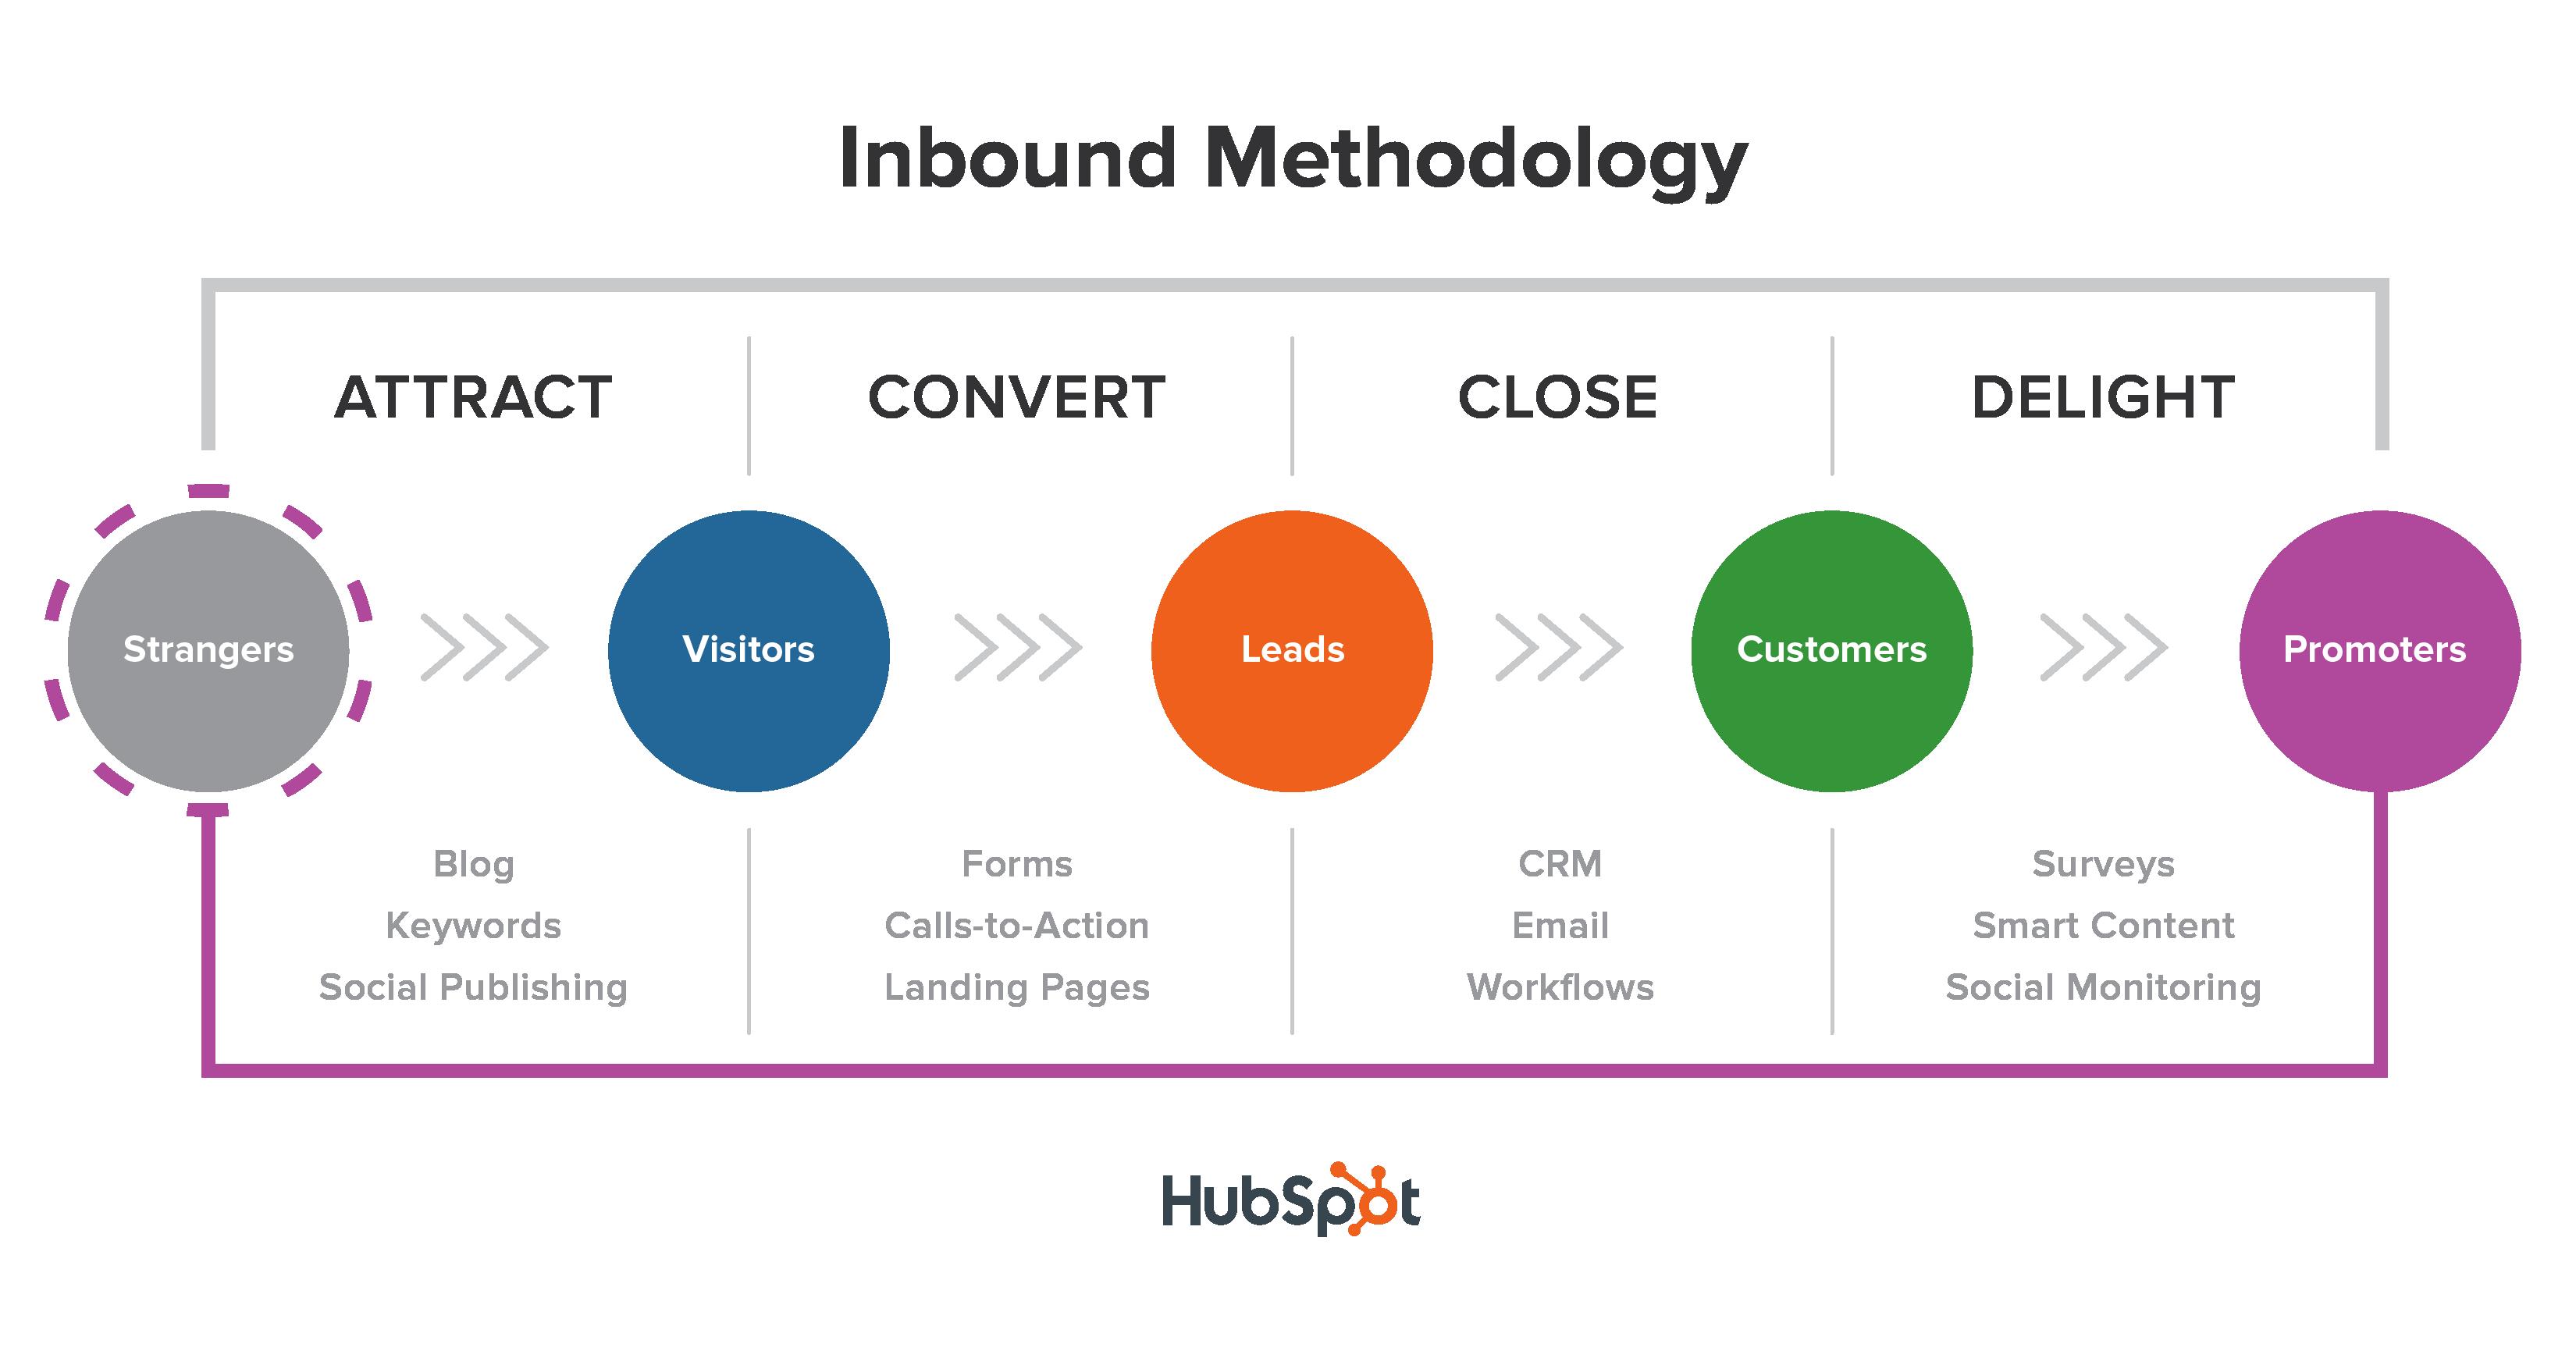 inbound methodology